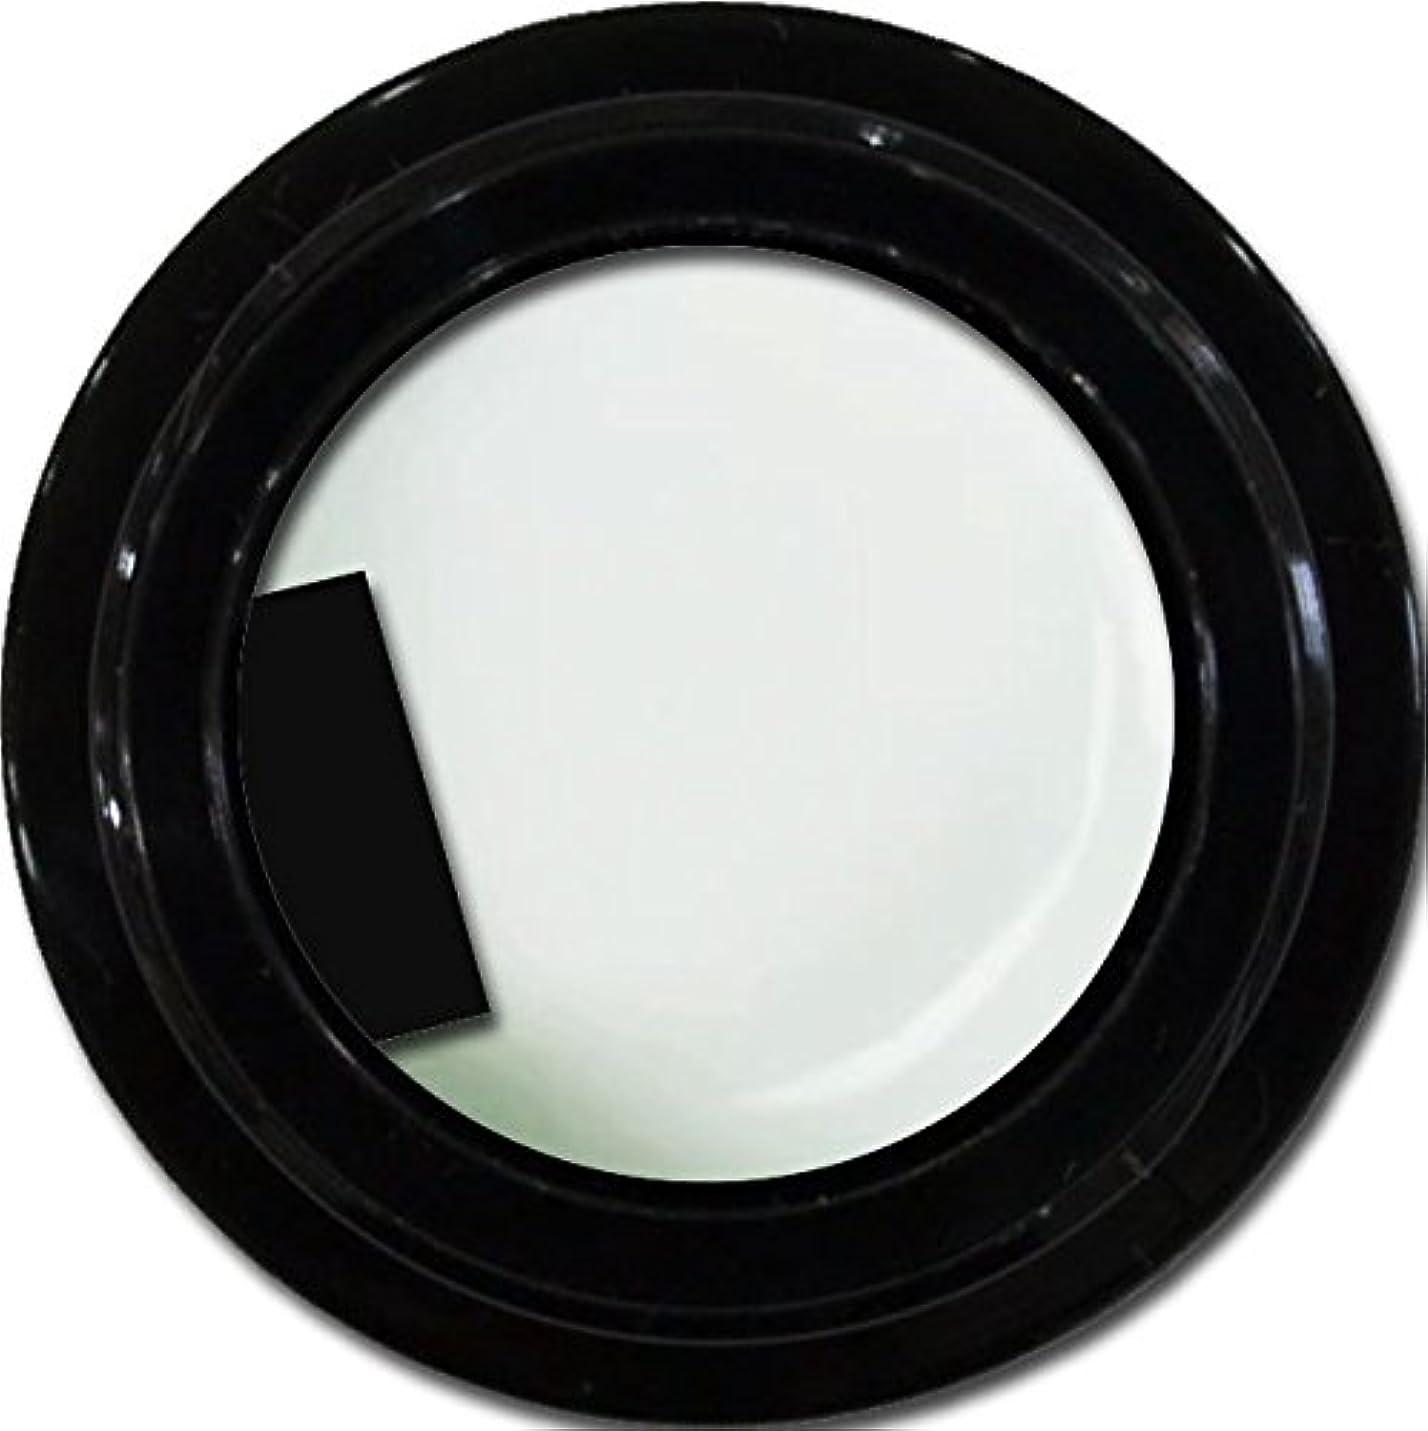 ナイロン紀元前高揚したカラージェル enchant gel color gel S001 sheer White 3g/ エンチャントジェル カラージェル S001シアーホワイト 3グラム